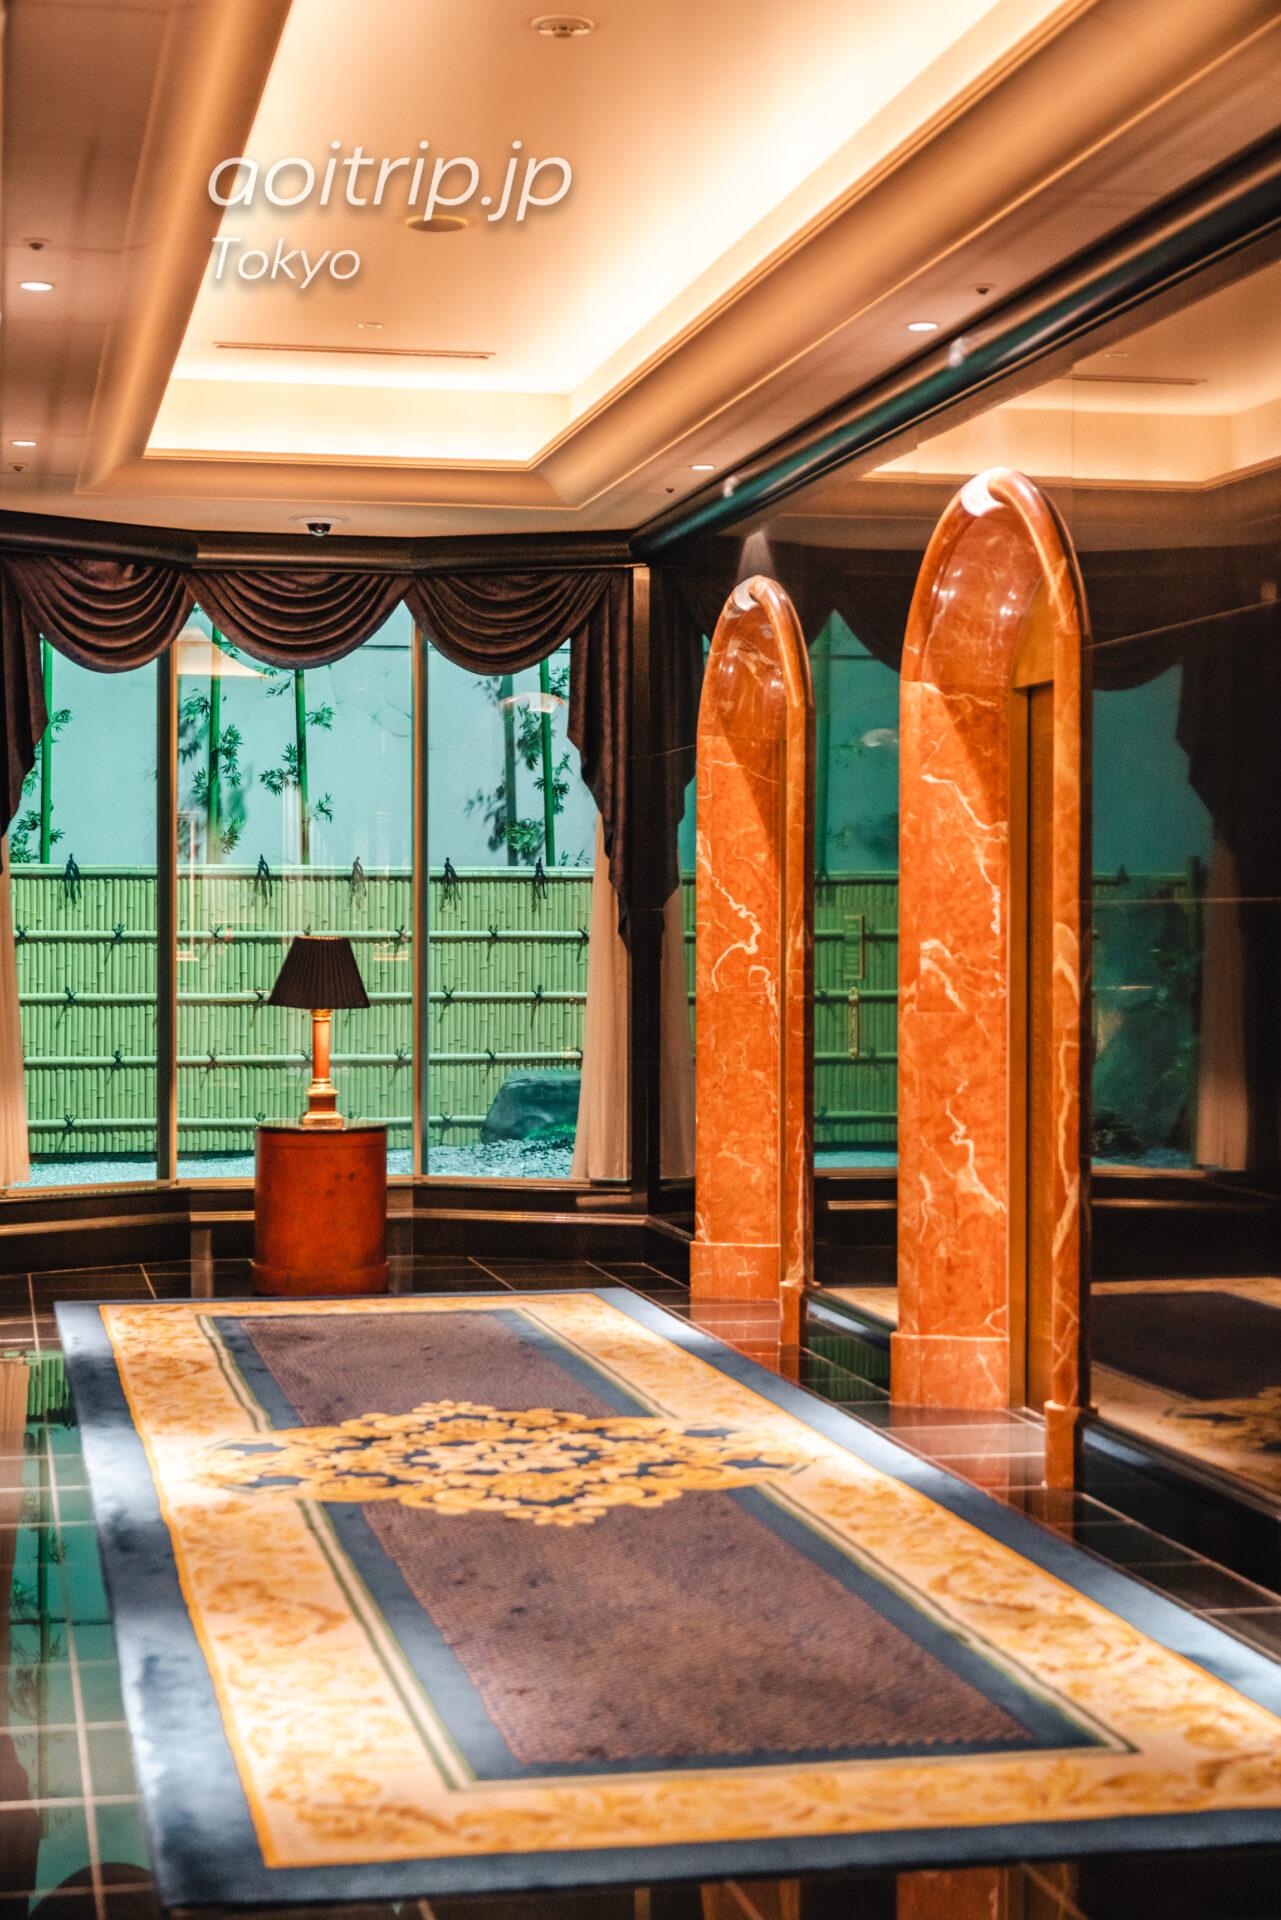 ウェスティンホテル東京 宿泊記|The Westin Tokyo ホテルのエレベーターホール